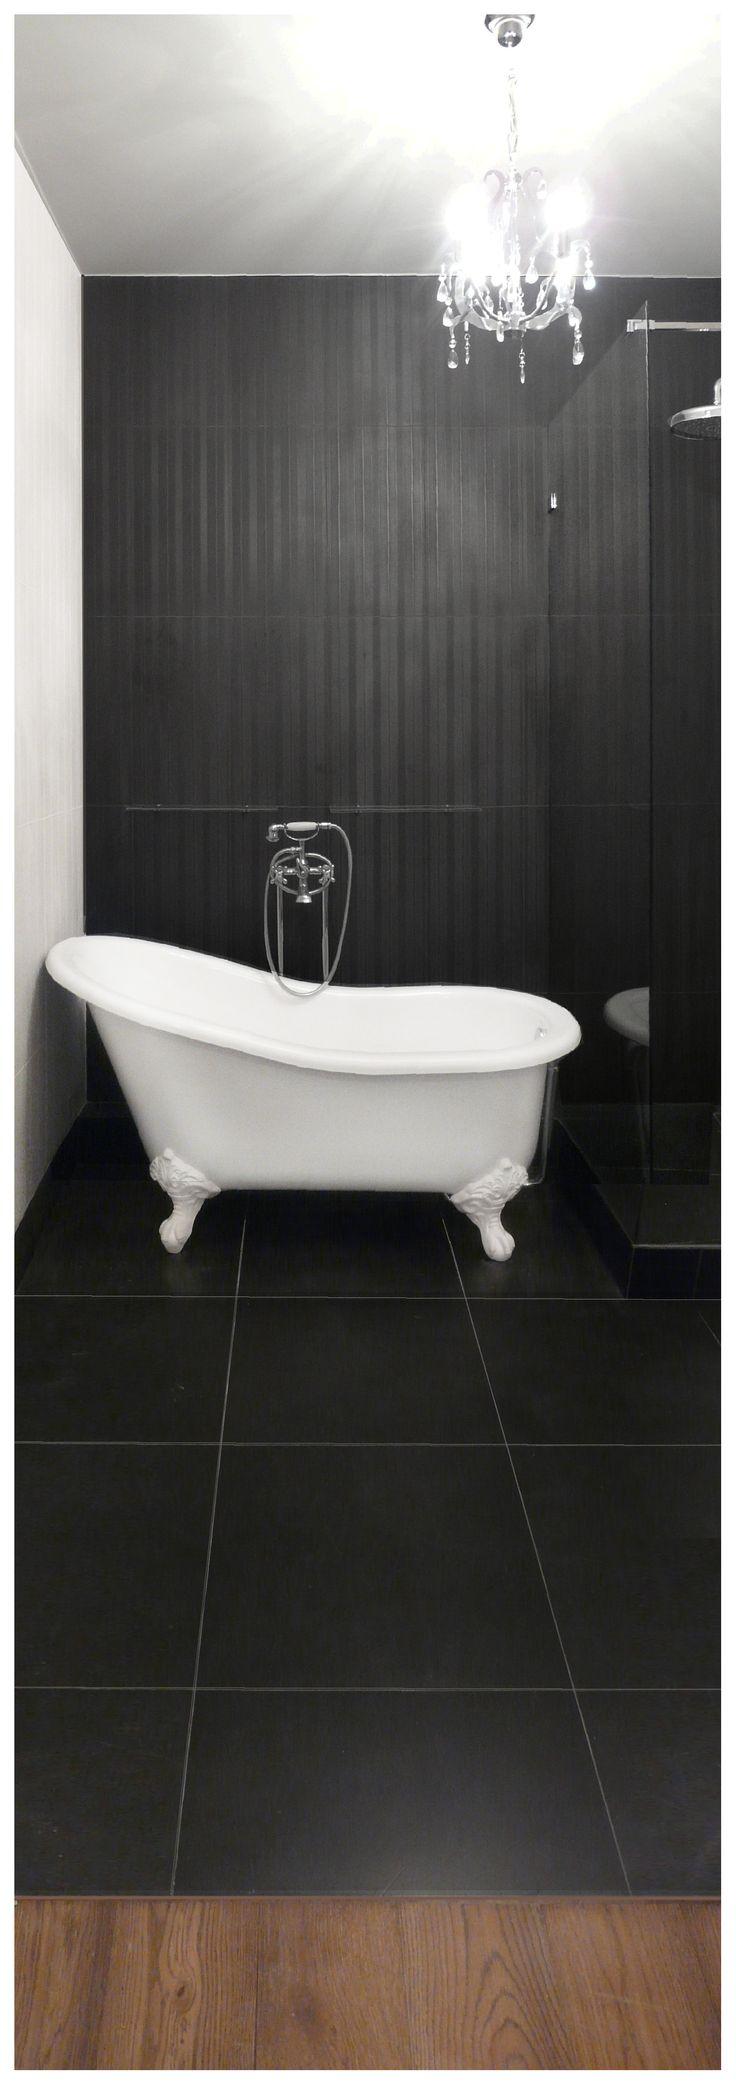 www.kwadratowymetr.pl Classic, black&white bathroom with freestanding bathtub.